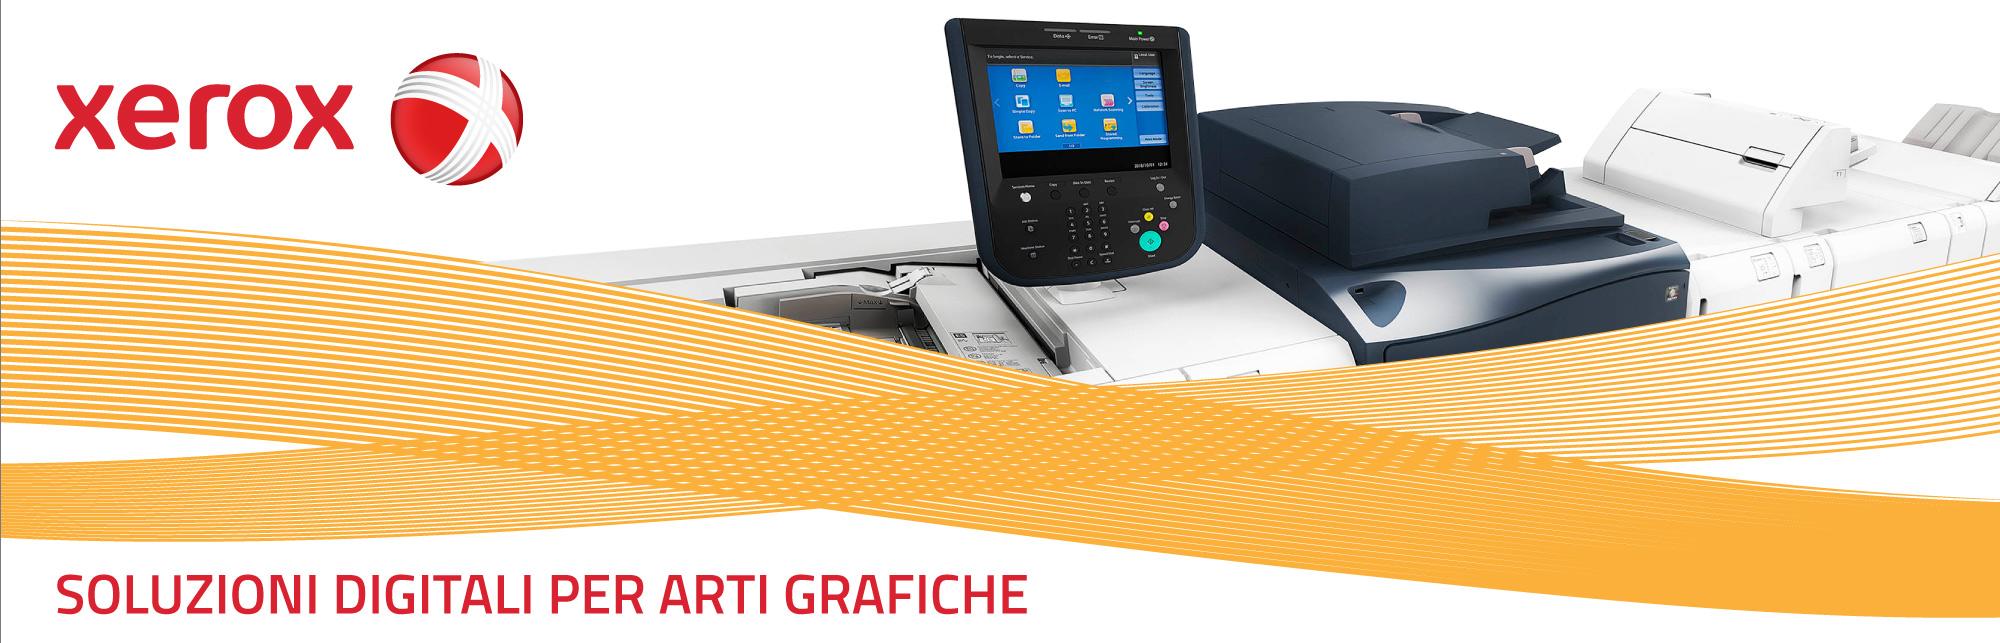 Xerox soluzioni digitali per arti grafiche Colorcopy